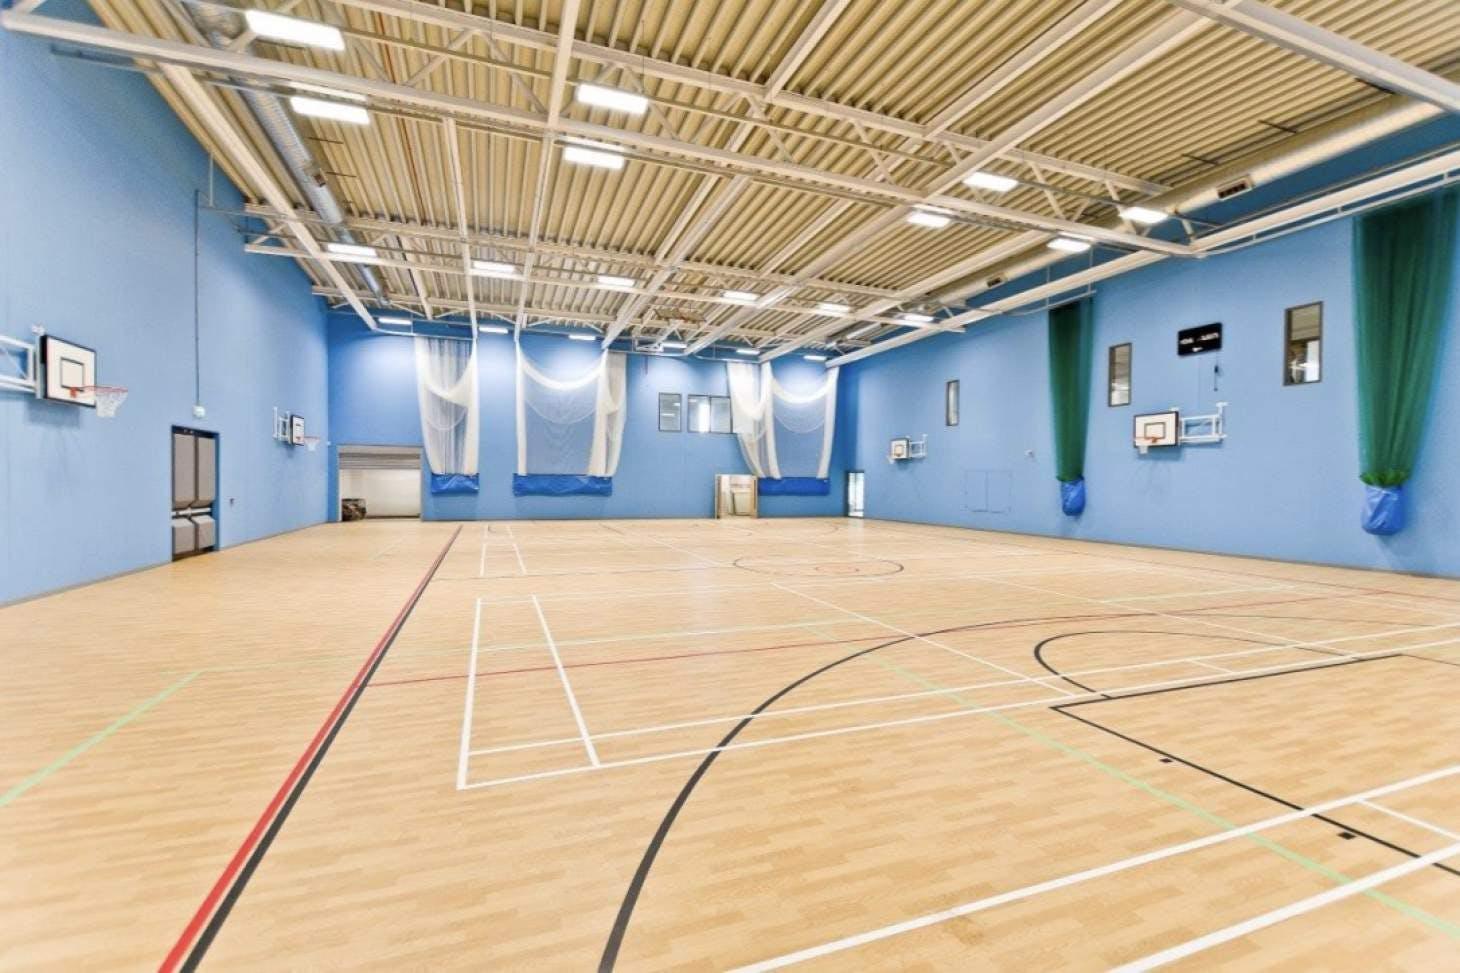 Beaumont School Indoor badminton court